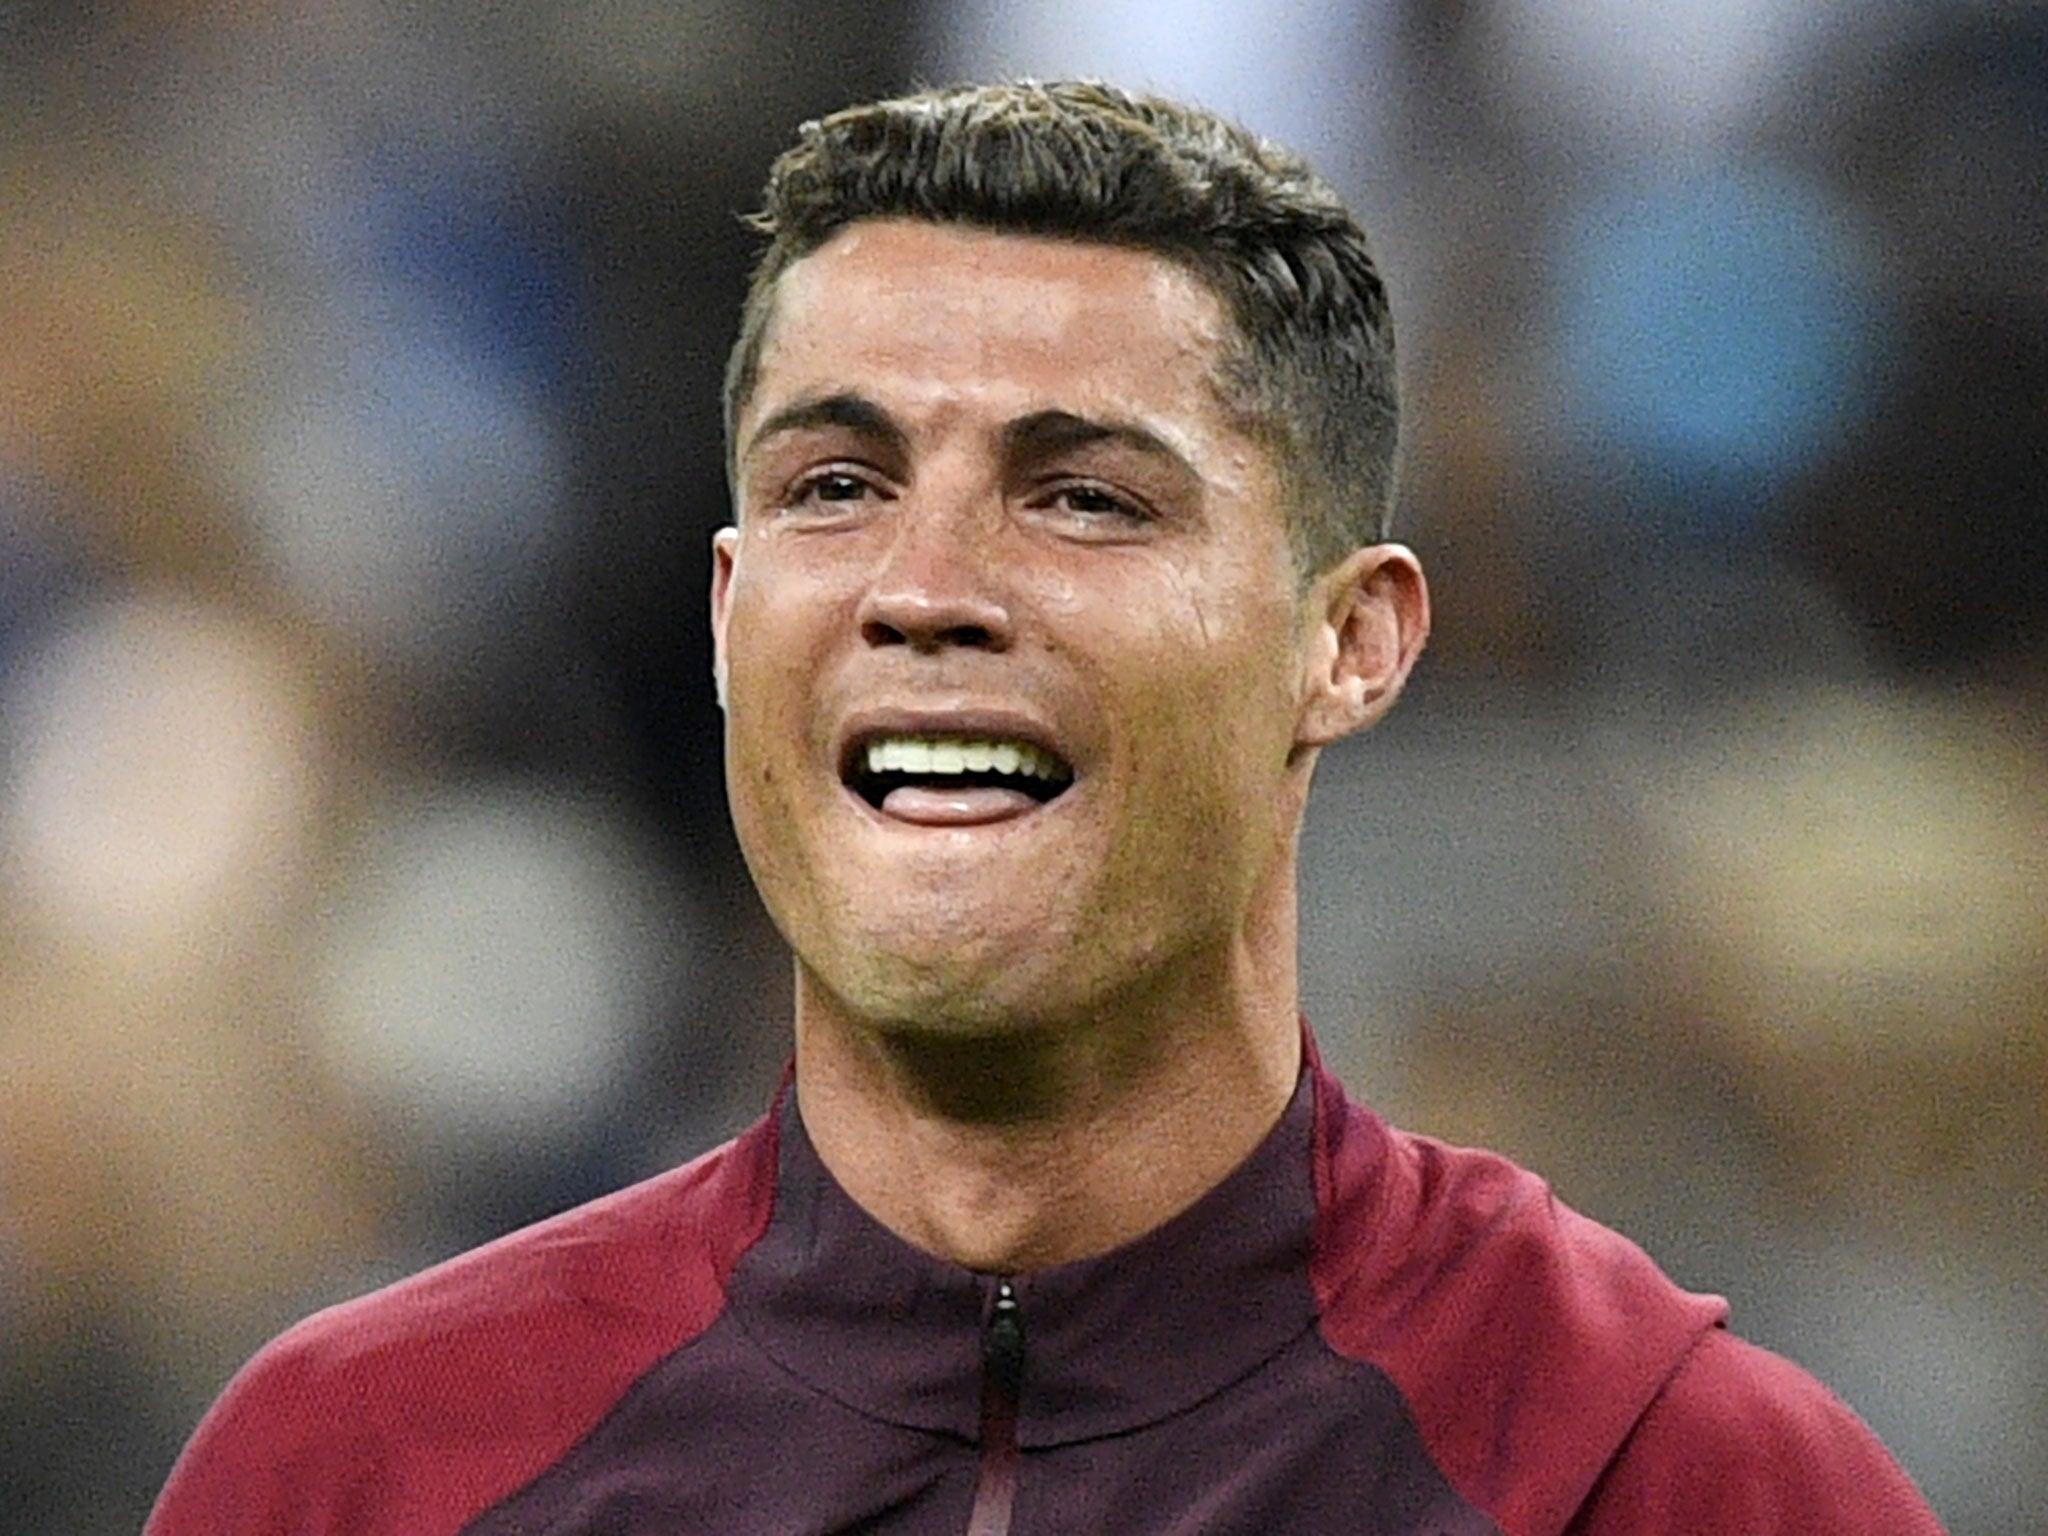 Cristiano Ronaldo - Wikiquote   Cristiano Ronaldo